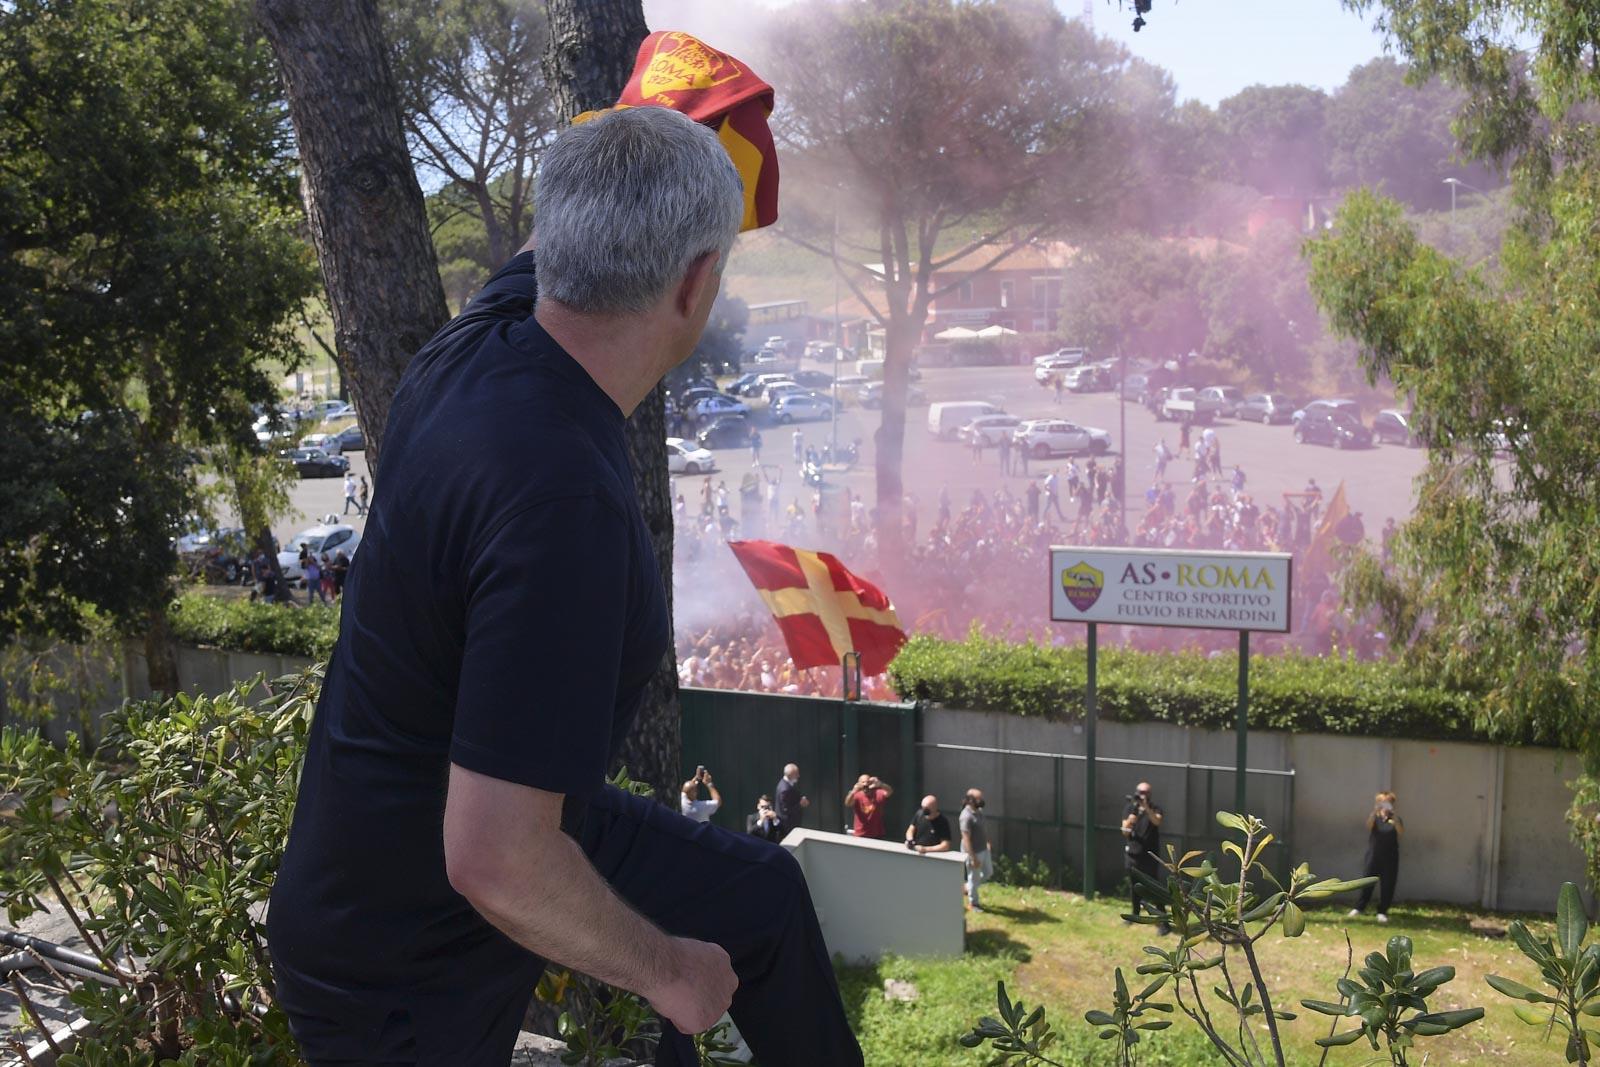 Mourinho memperingatkan tantangan di Roma - 1